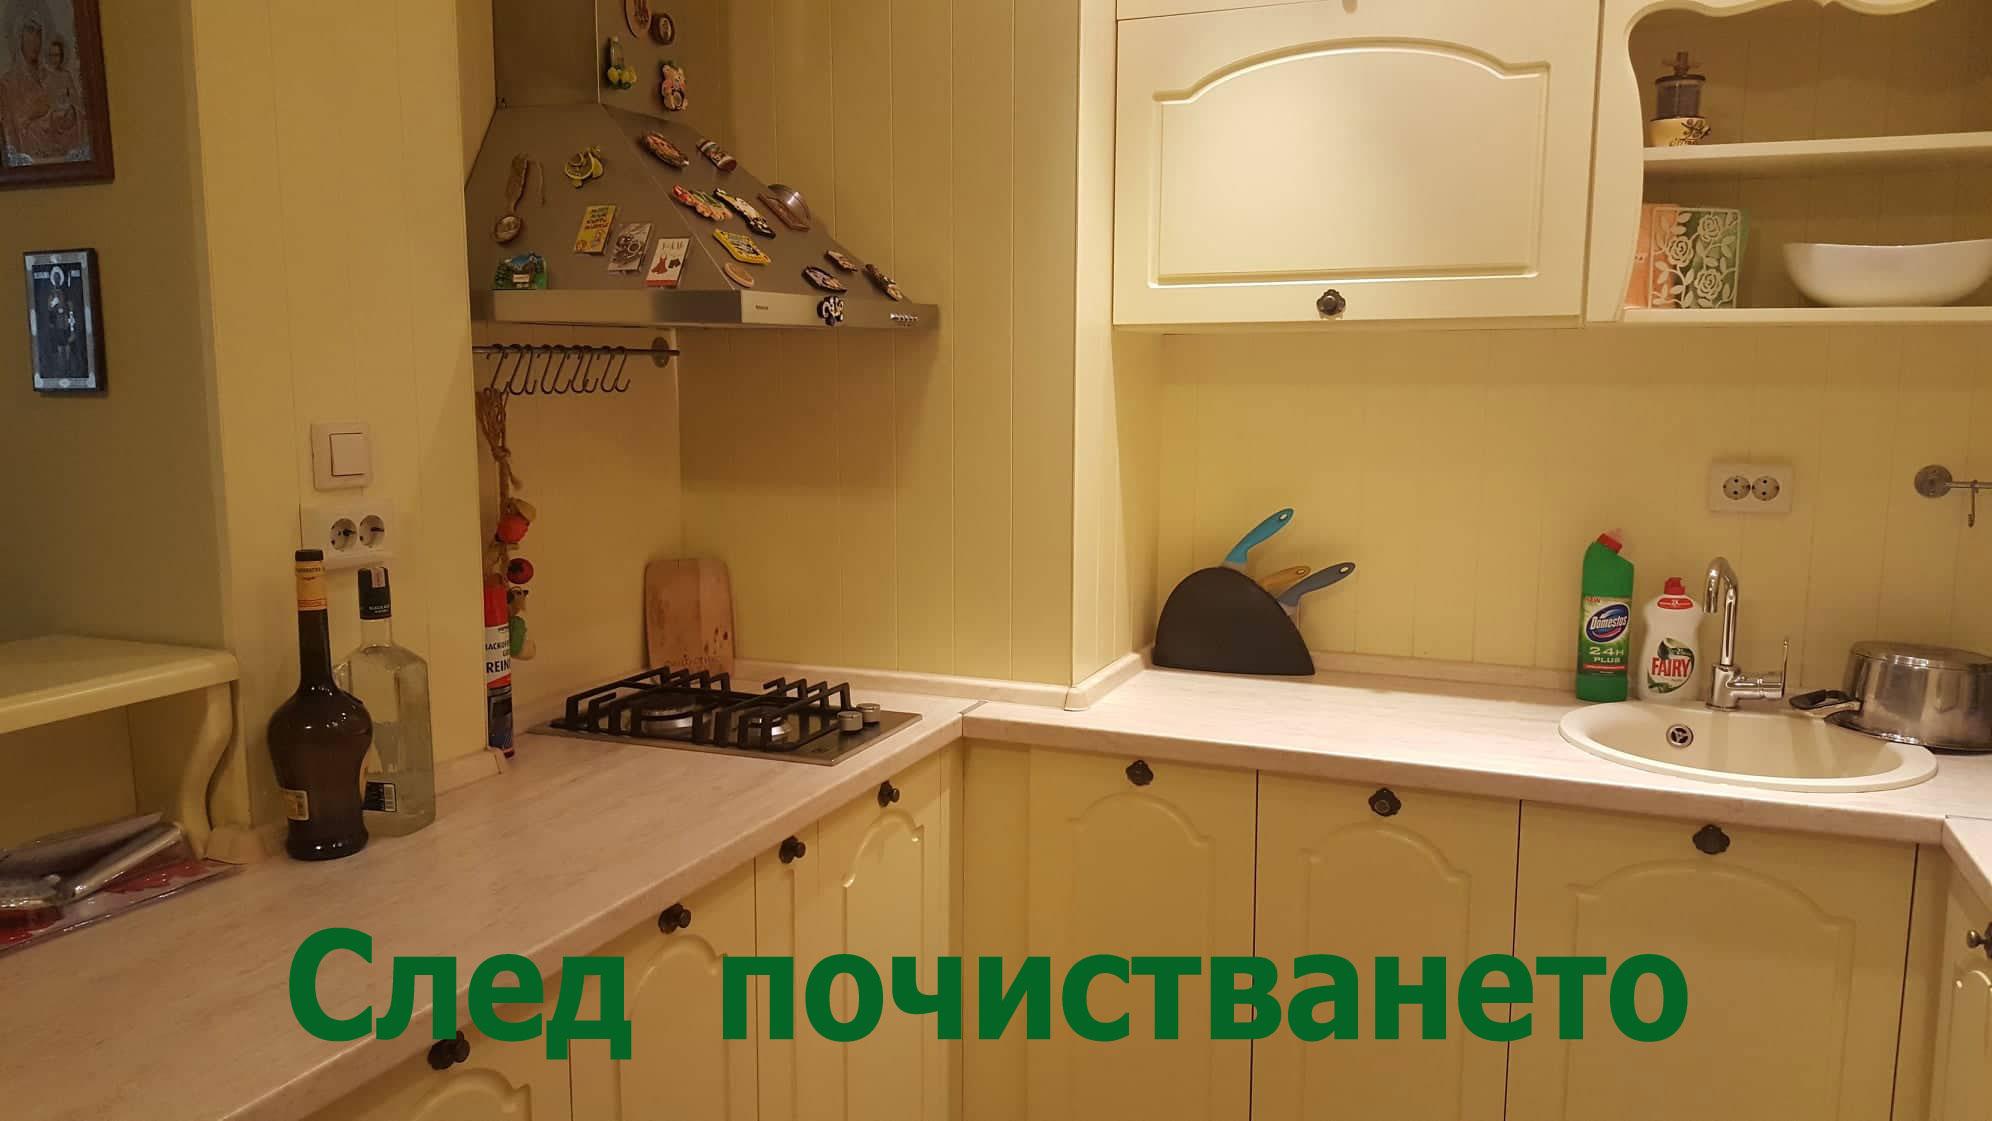 след почистването на кухнята